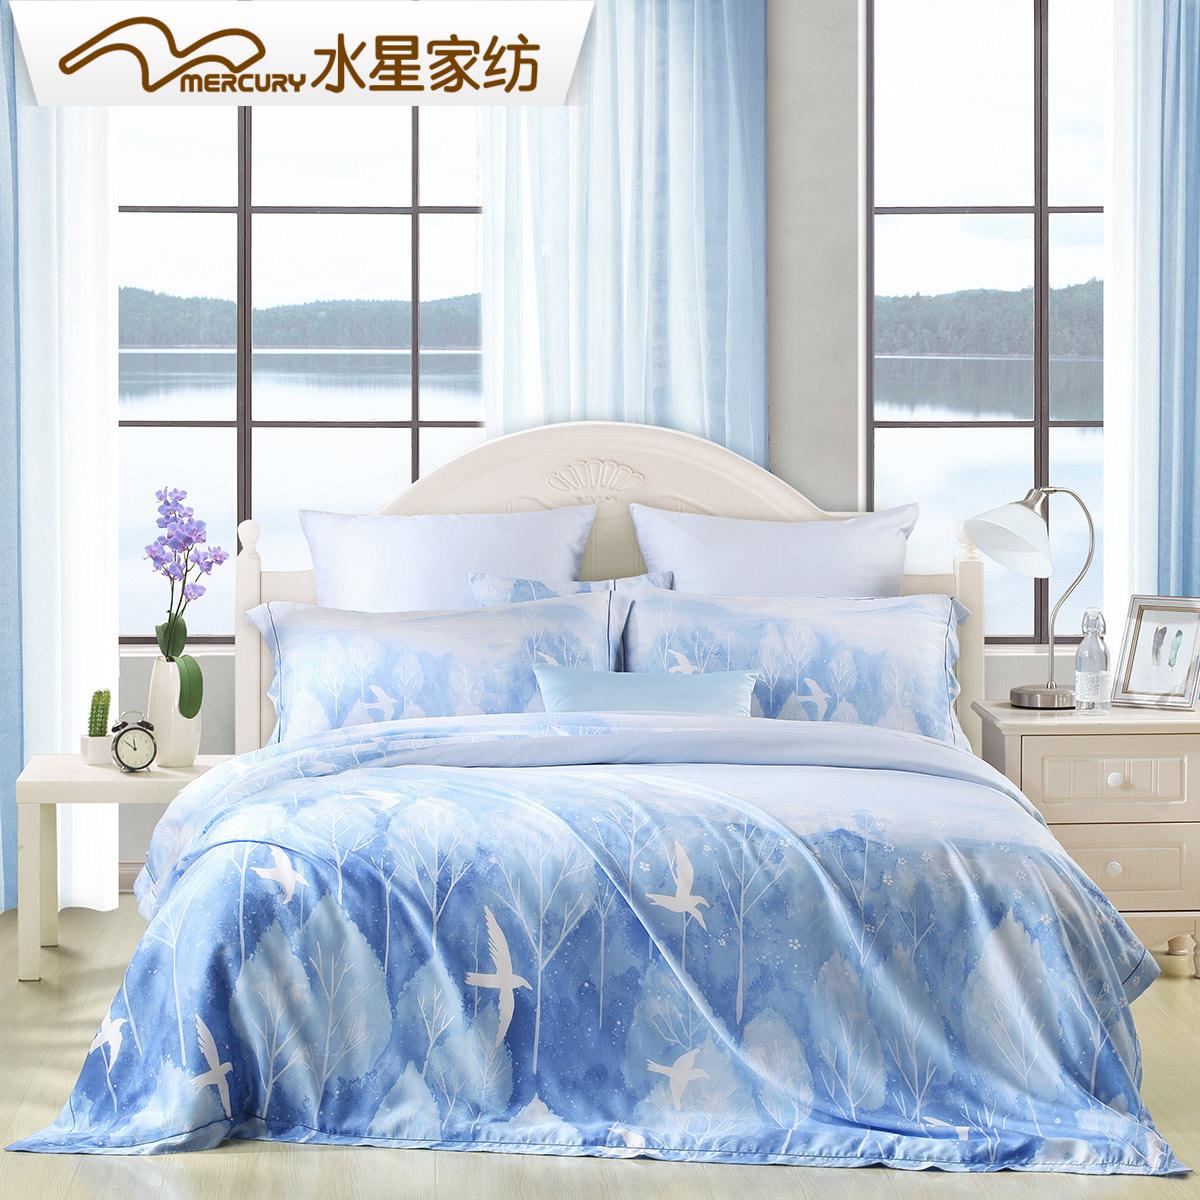 水星家纺40支天丝贡缎活性印花四件套双面天丝蓝梦之歌床上用品